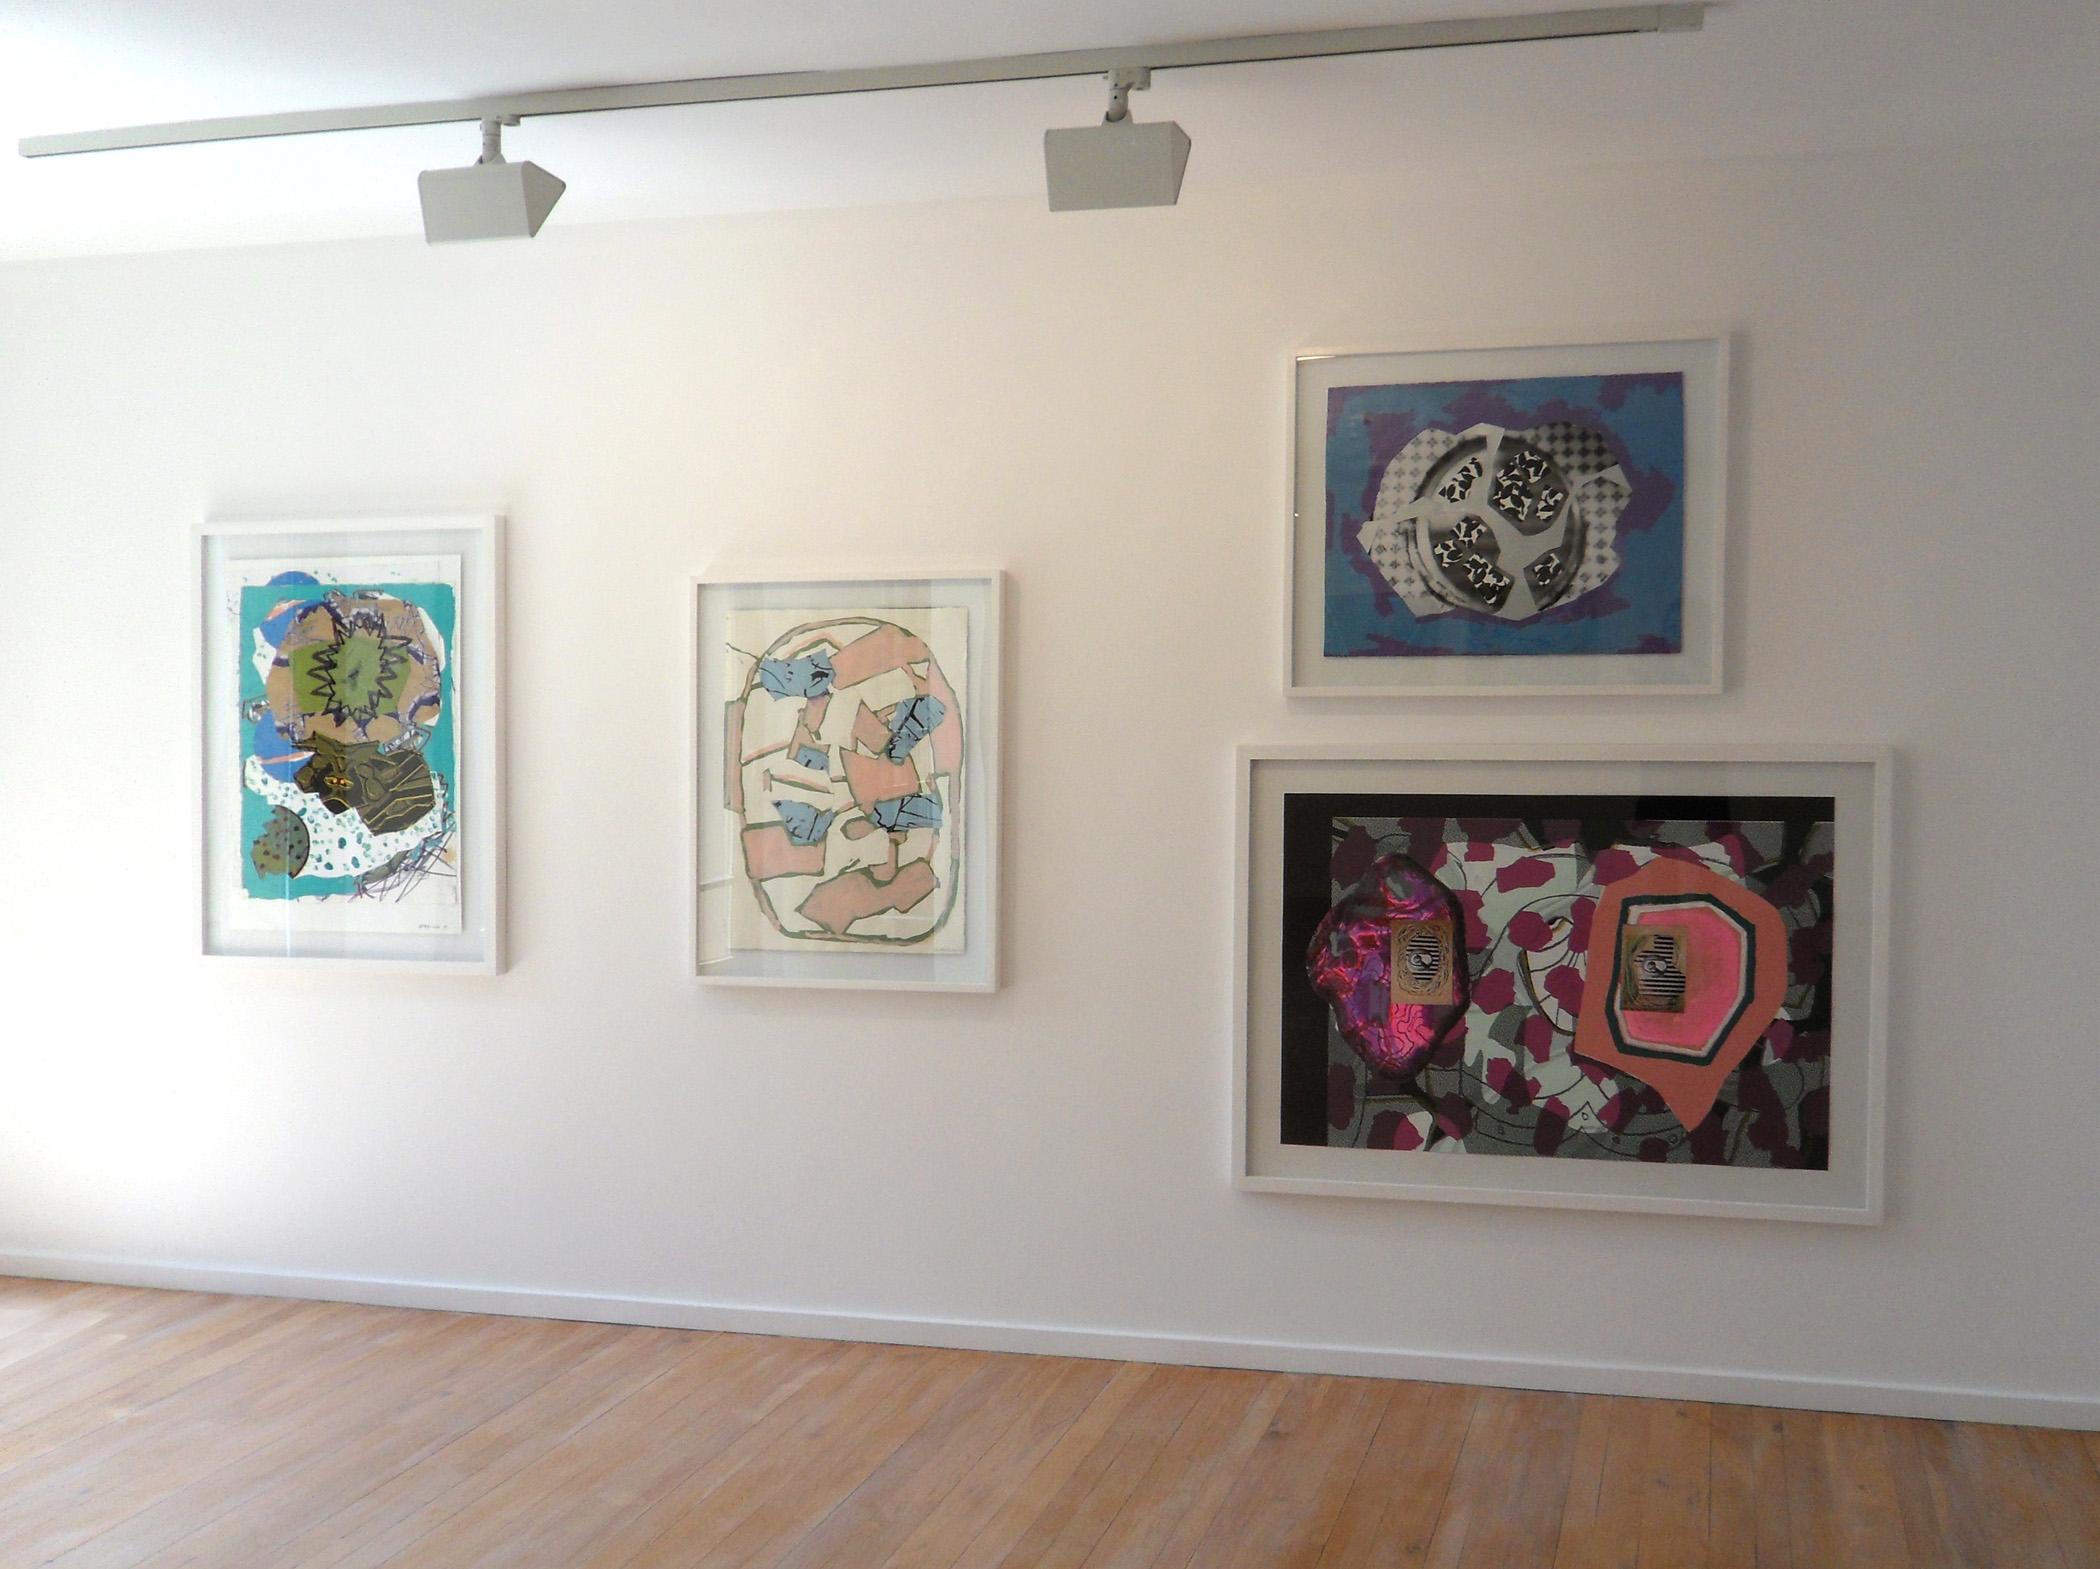 Vista de la exposición en la Galería Maior de Pollença, 2011